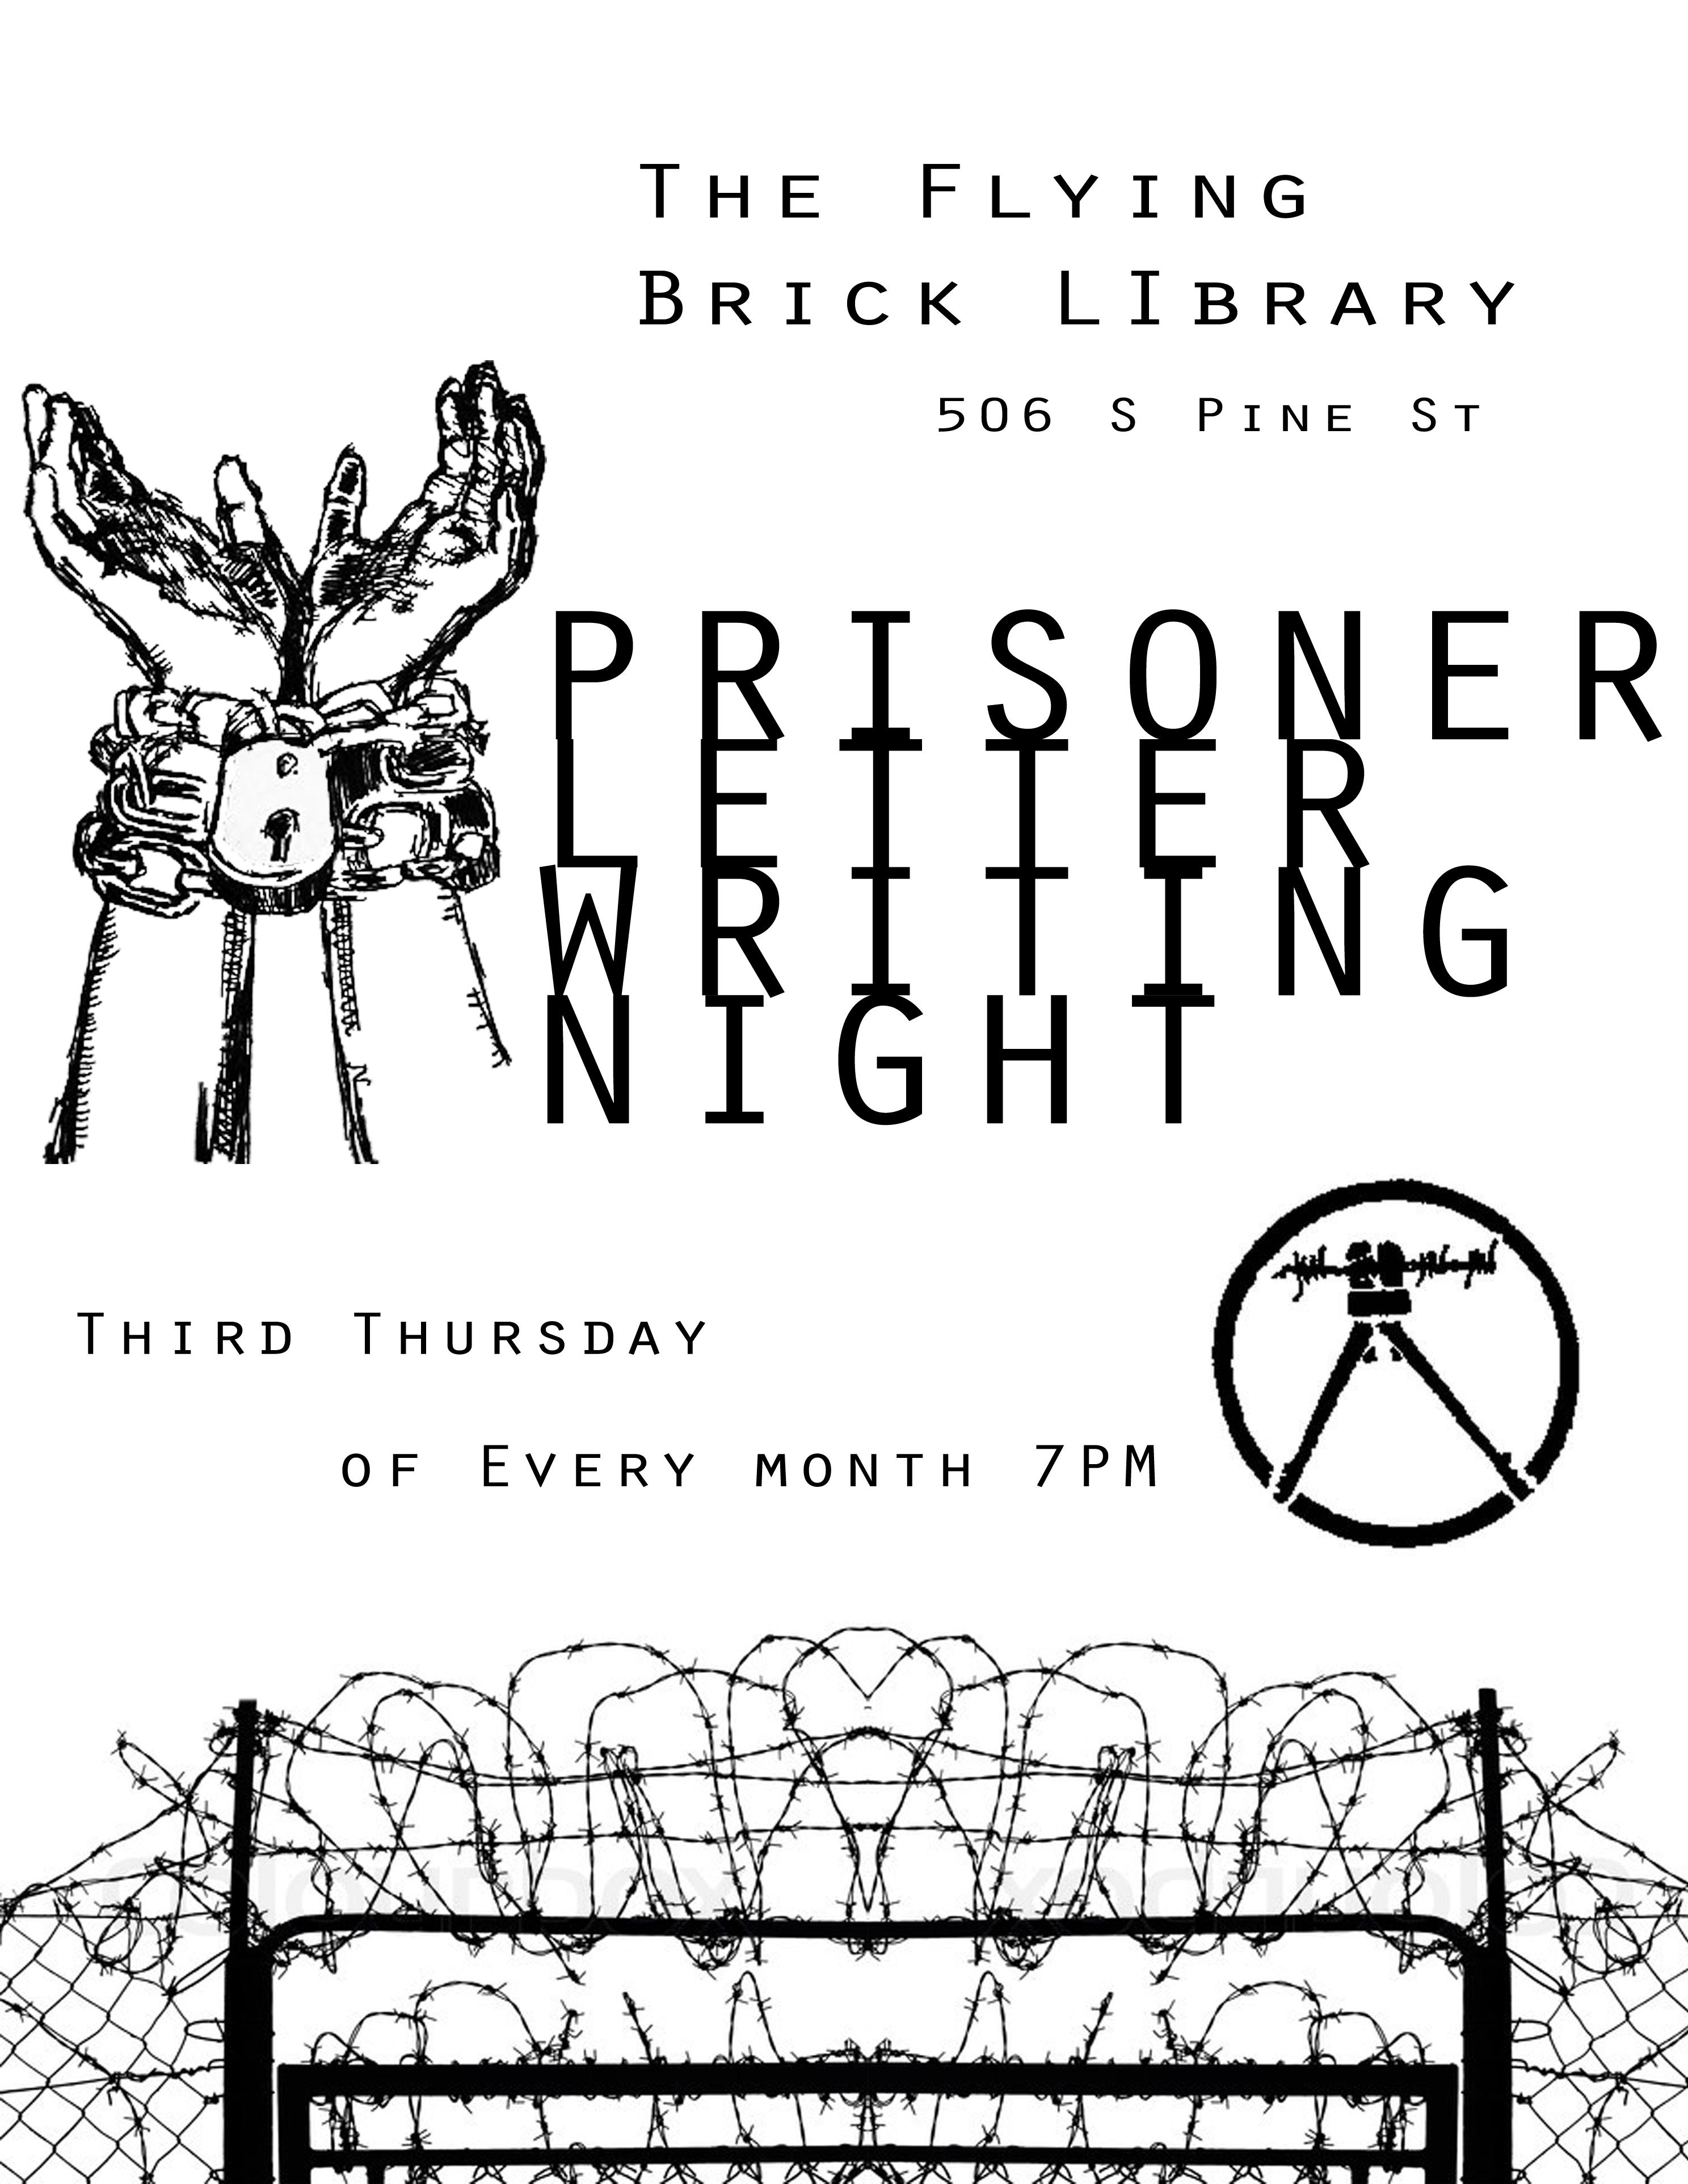 Prisonerletterwritingnight